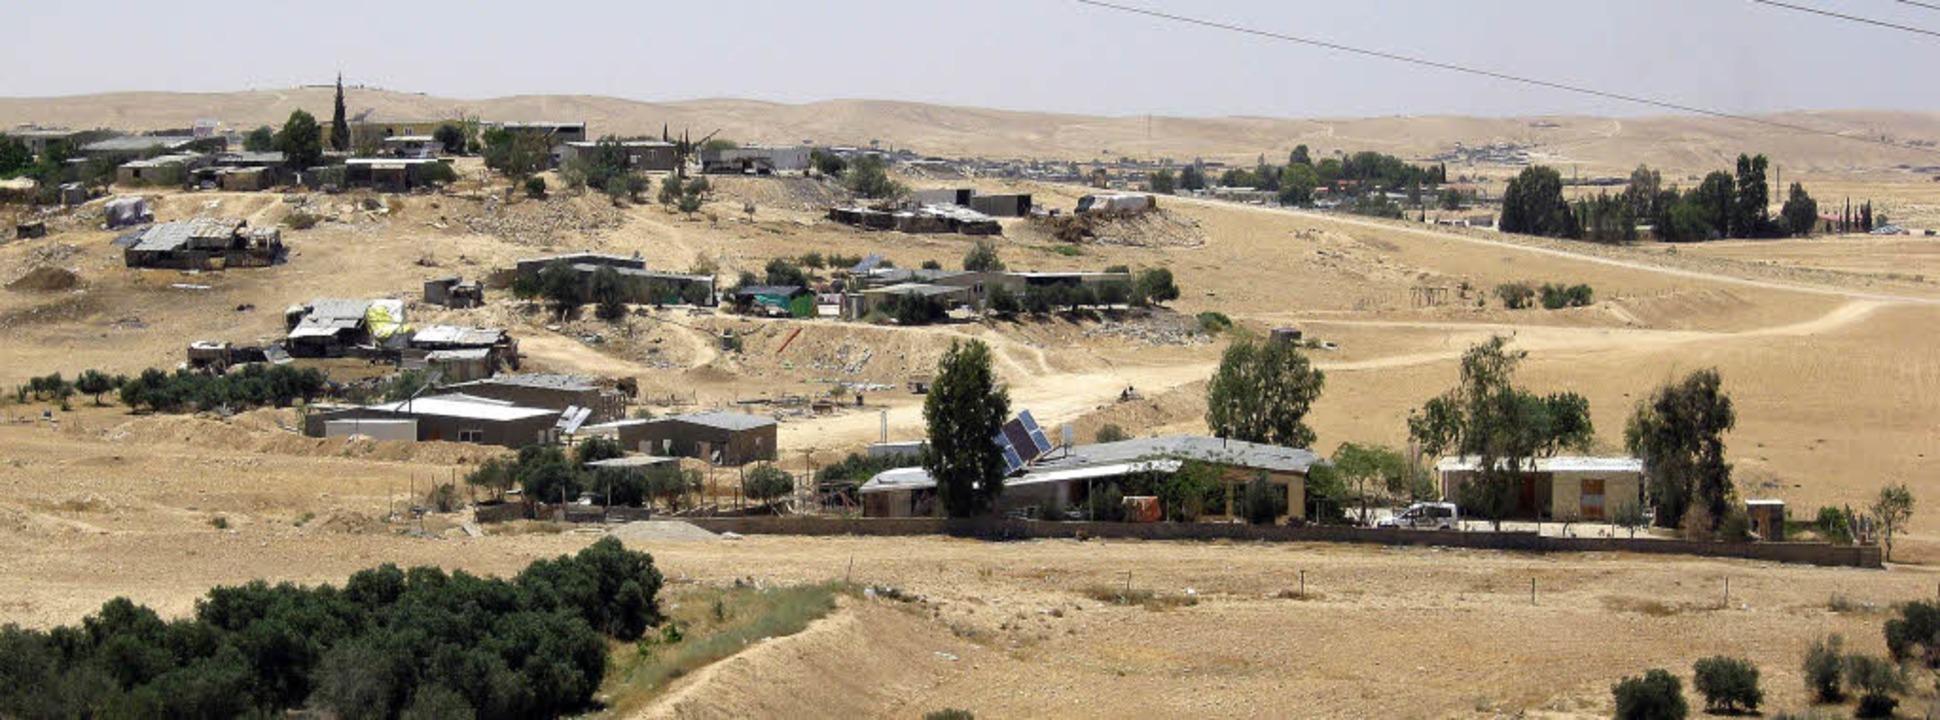 Ein typisches Beduinendorf in der Nege...0 Prozent des Staates Israel einnimmt   | Foto: Inge günther